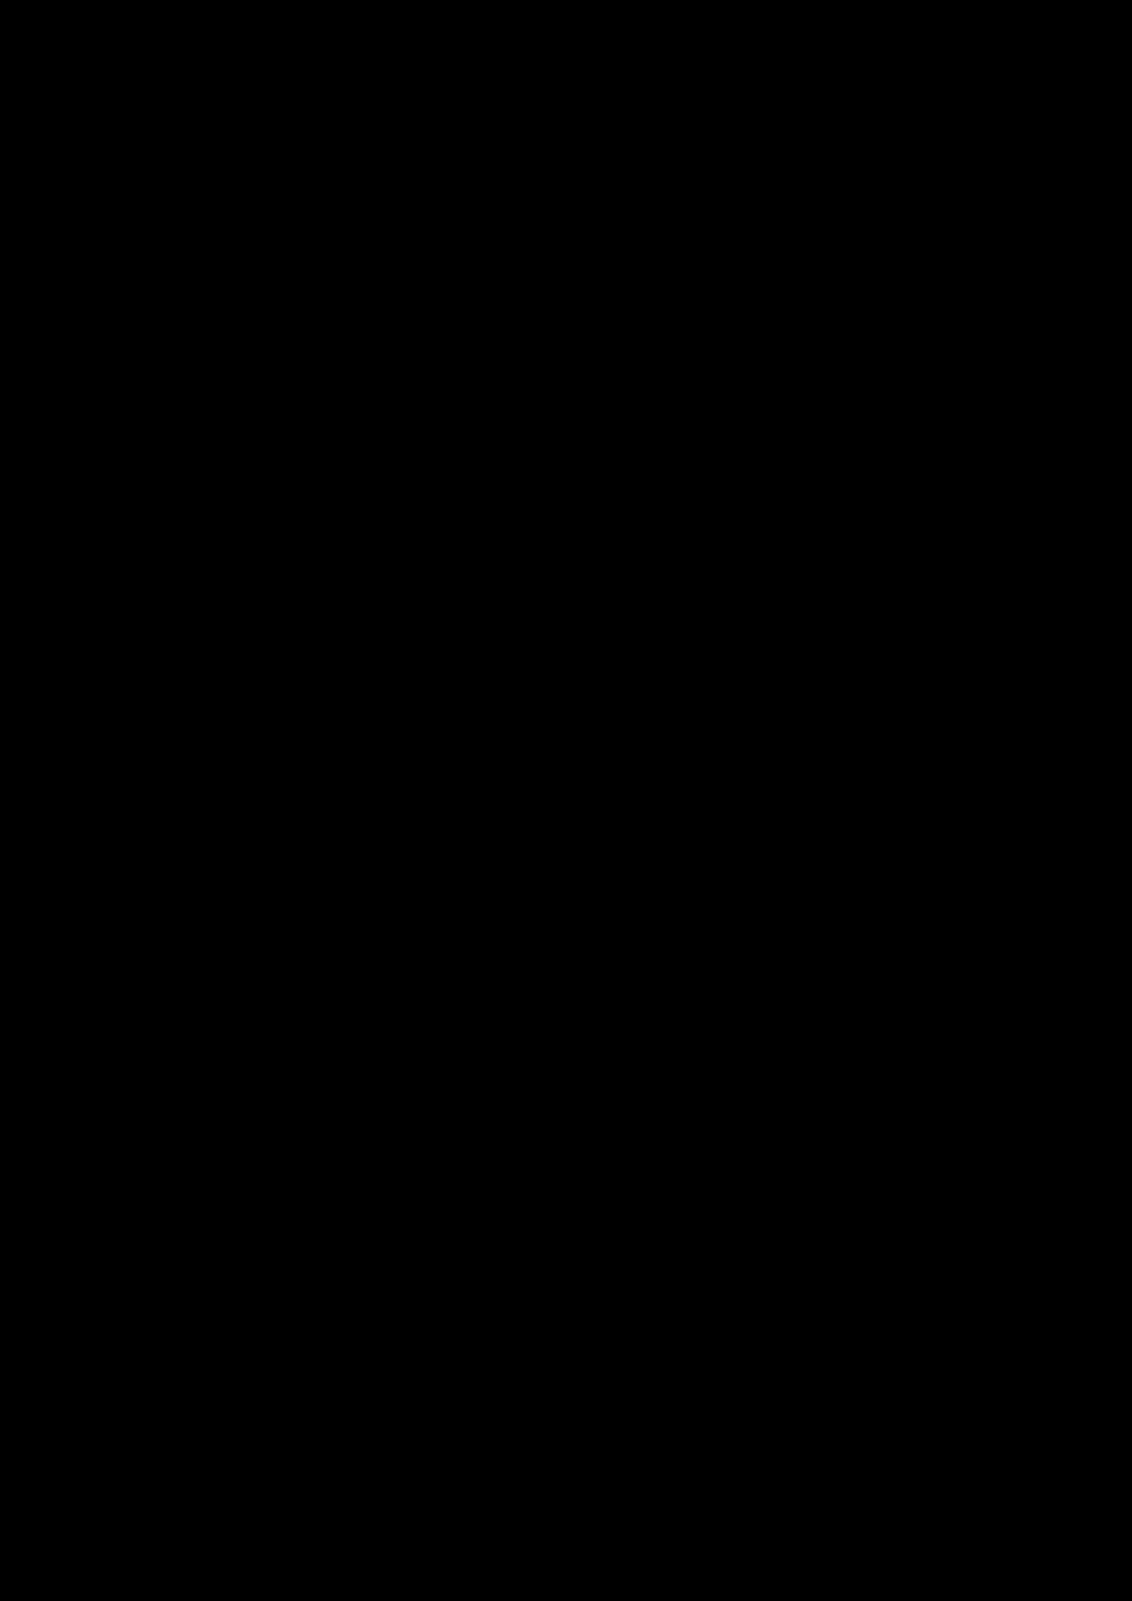 Zagadka volshebnoy stranyi slide, Image 111